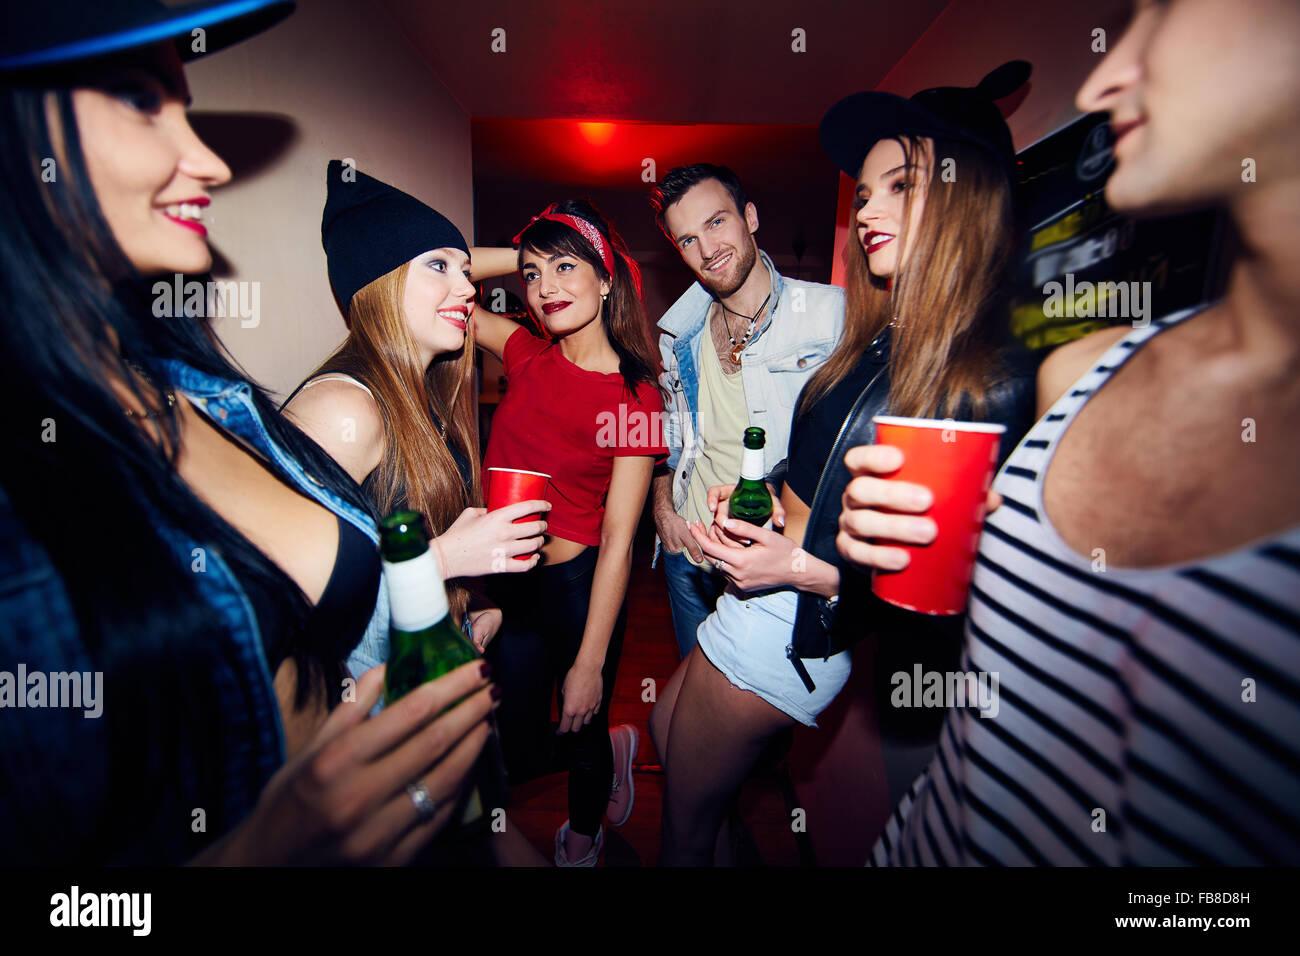 La gente elegante joven encuentro con bebidas en bares Imagen De Stock